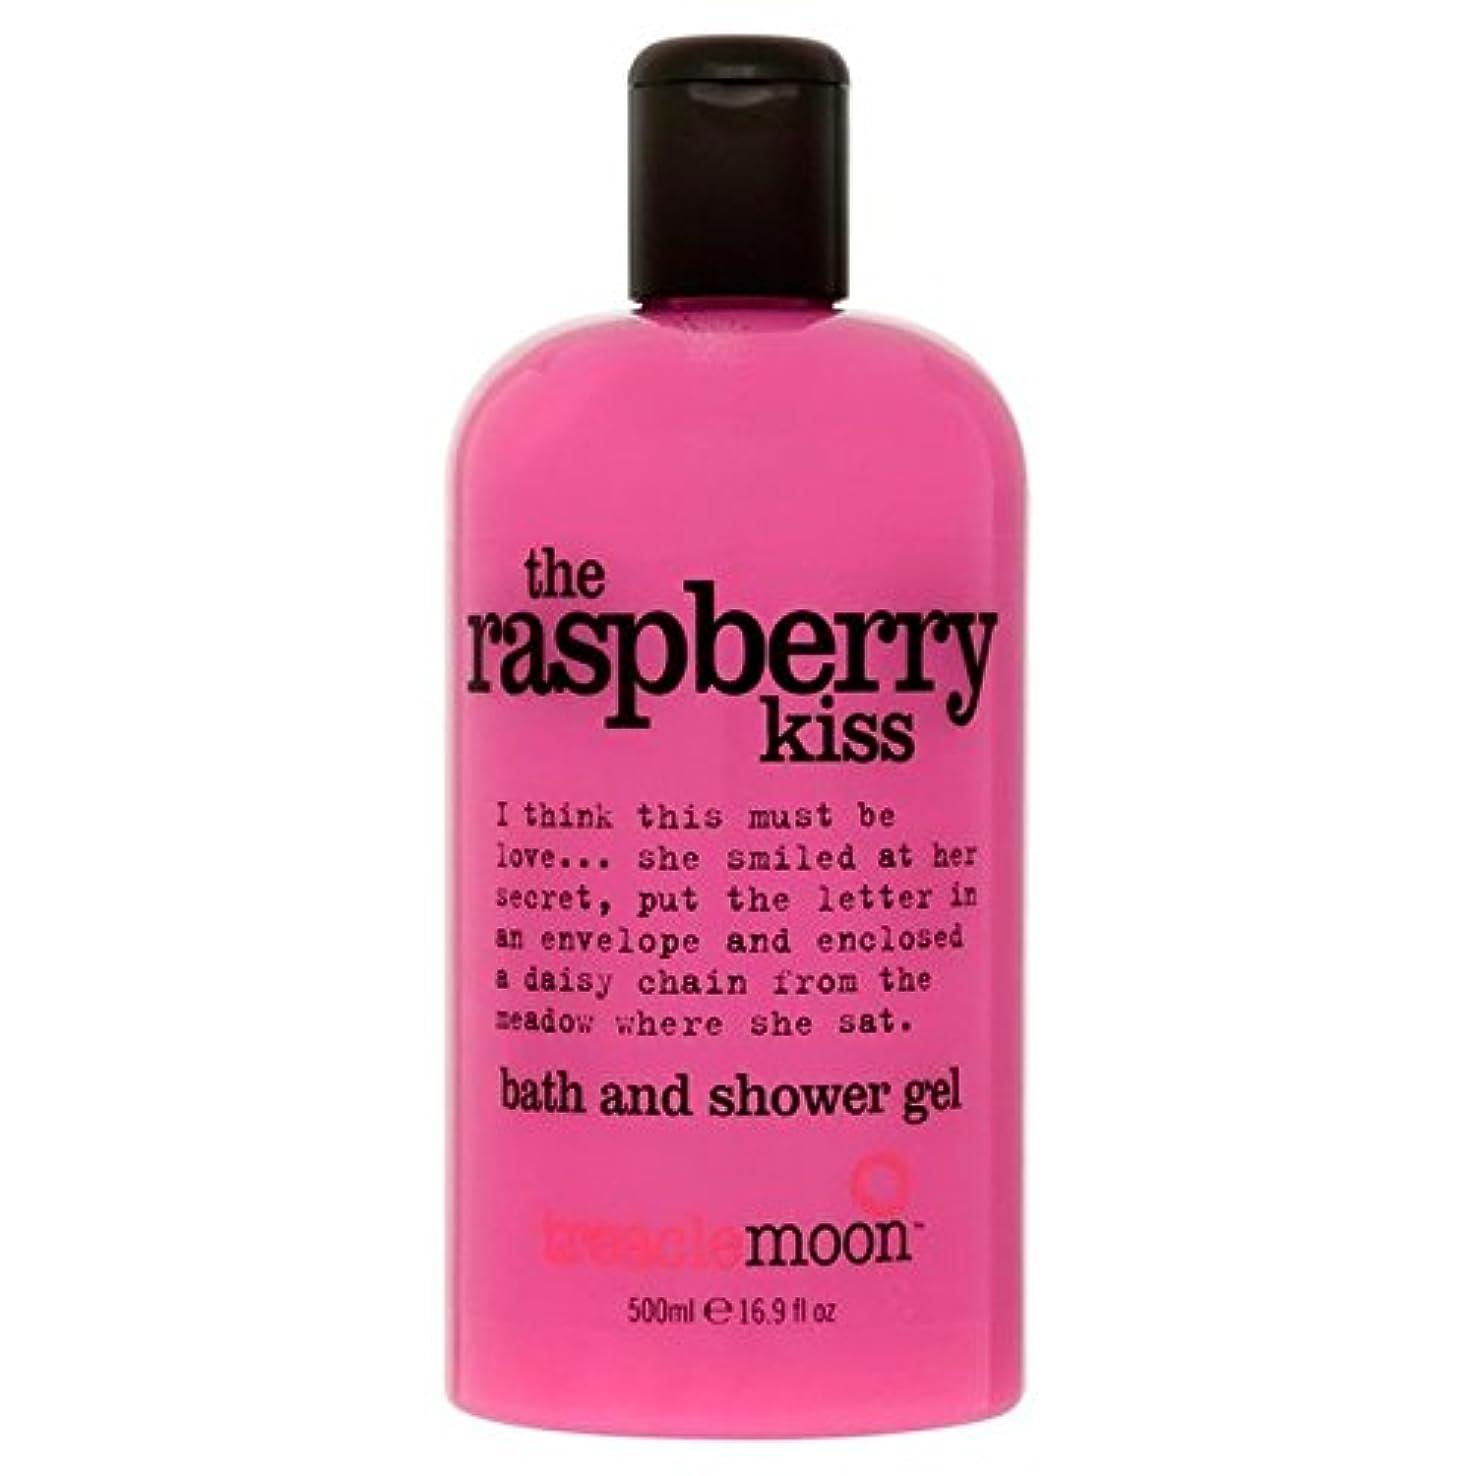 隣人暗黙うめき声Treacle Moon Raspberry Bath & Shower Gel 500ml (Pack of 6) - 糖蜜ムーンラズベリーバス&シャワージェル500ミリリットル x6 [並行輸入品]